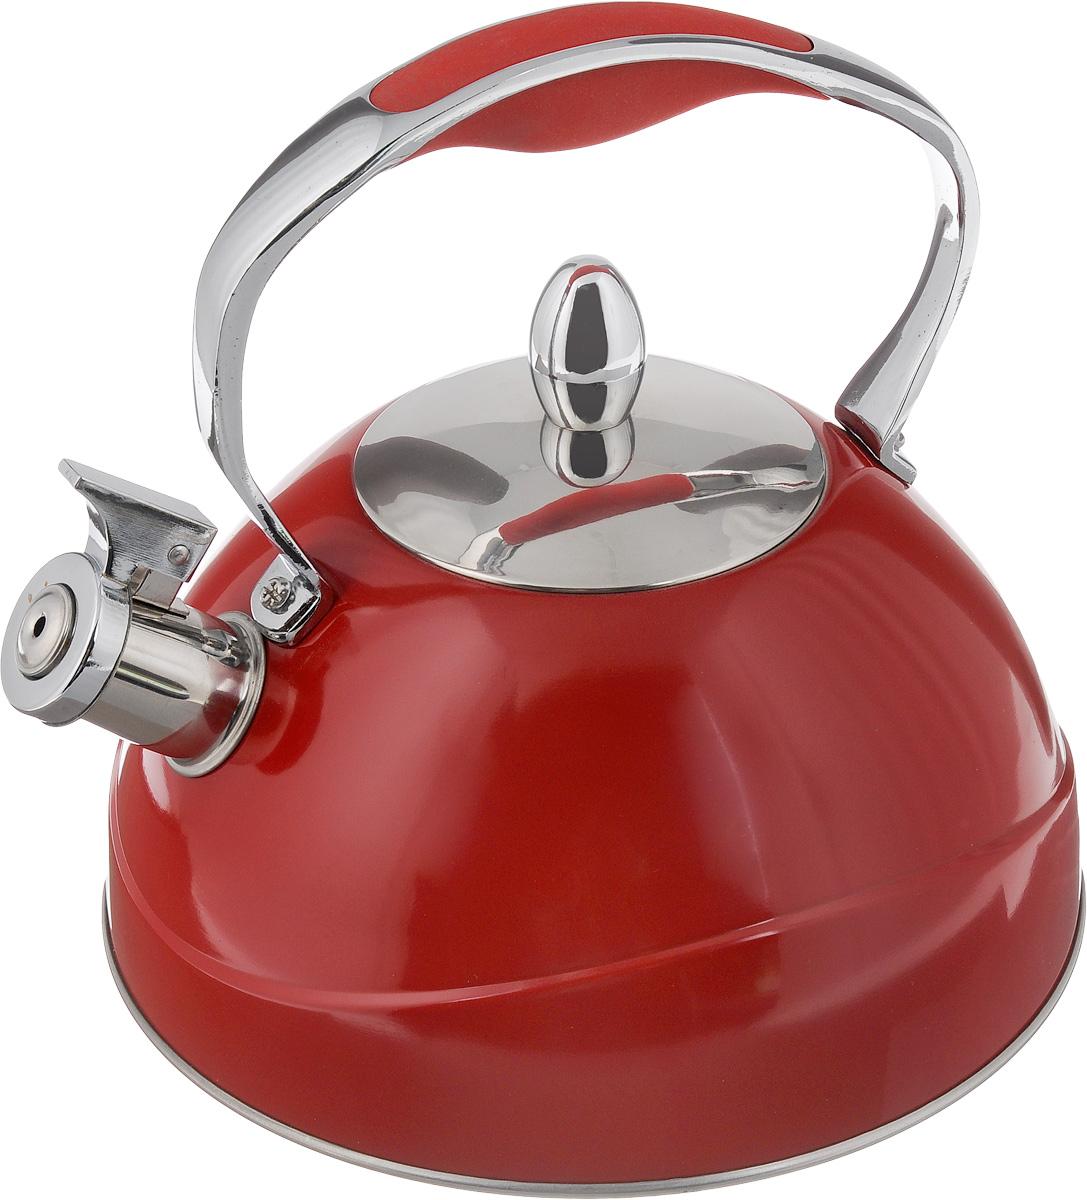 Чайник Mayer & Boch, со свистком, цвет: красный, 2,6 л22416_красныйЧайник Mayer & Boch выполнен из высококачественной нержавеющей стали с матовым покрытием, что делает его гигиеничным и устойчивым к износу при длительном использовании. Нержавеющая сталь не окисляется и не впитывает запахи, напитки всегда ароматные и имеют настоящий вкус. Капсулированное дно с прослойкой из алюминия обеспечивает наилучшее распределение тепла. Носик чайника оснащен насадкой-свистком, что позволит вам контролировать процесс подогрева или кипячения воды. Фиксированная ручка изготовлена из стали с силиконовым покрытием. Поверхность чайника гладкая, что облегчает уход. Эстетичный и функциональный, с эксклюзивным дизайном, такой чайник будет оригинально смотреться в любом интерьере.Подходит для электрических, газовых, стеклокерамических и галогеновых плит. Не подходит для индукционных плит. Можно мыть в посудомоечной машине.Высота чайника (без учета ручки и крышки): 11 см.Высота чайника (с учетом ручки и крышки): 22,5 см.Диаметр чайника (по верхнему краю): 10 см.